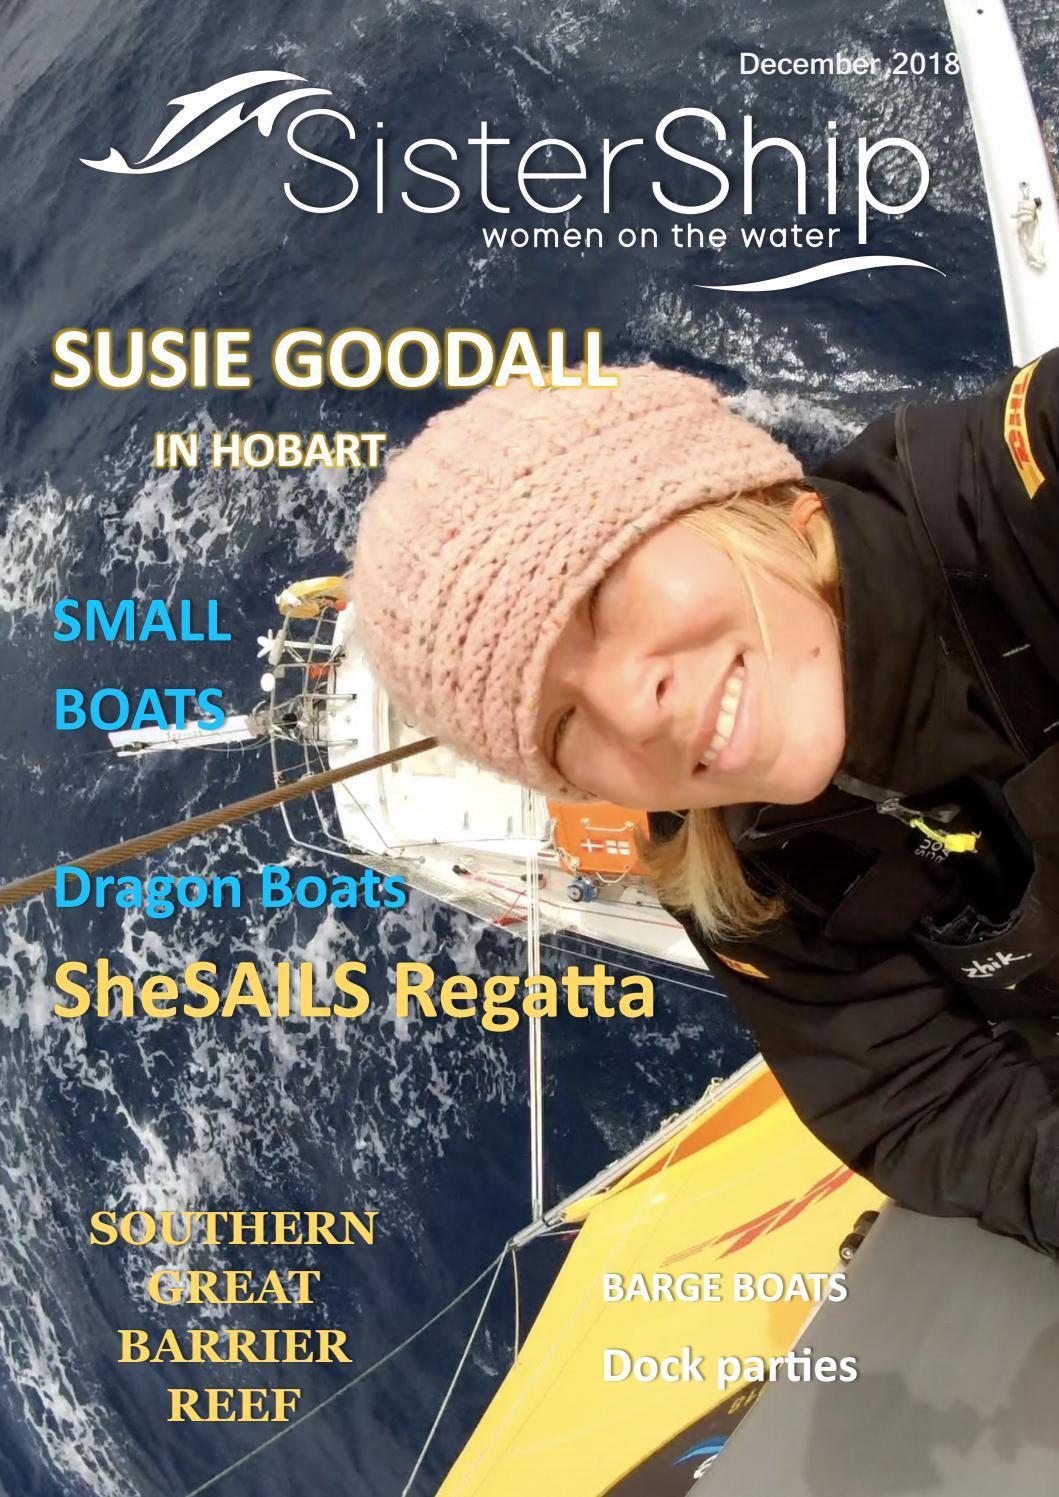 ee14489855ee3 Sistership Magazine December 2018 by SisterShipMagazine - issuu